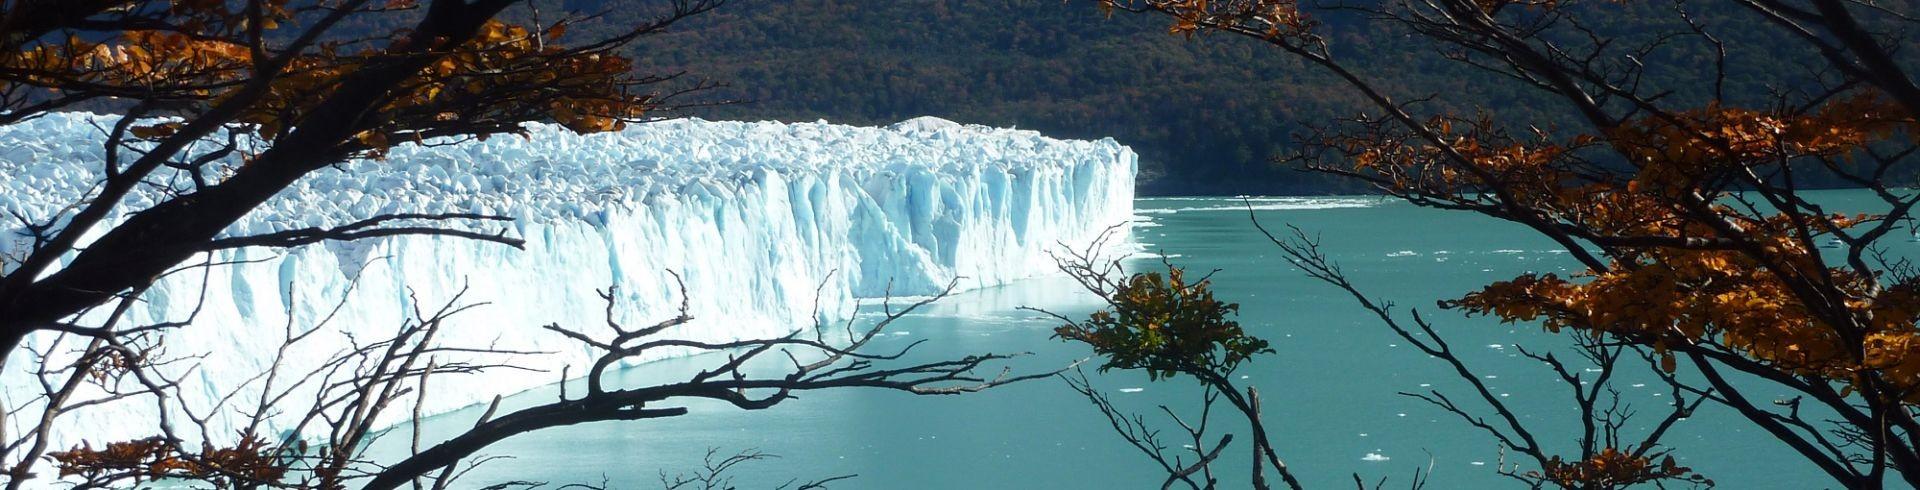 ארגנטינה - מאזור האגמים אל הדרך הדרומית